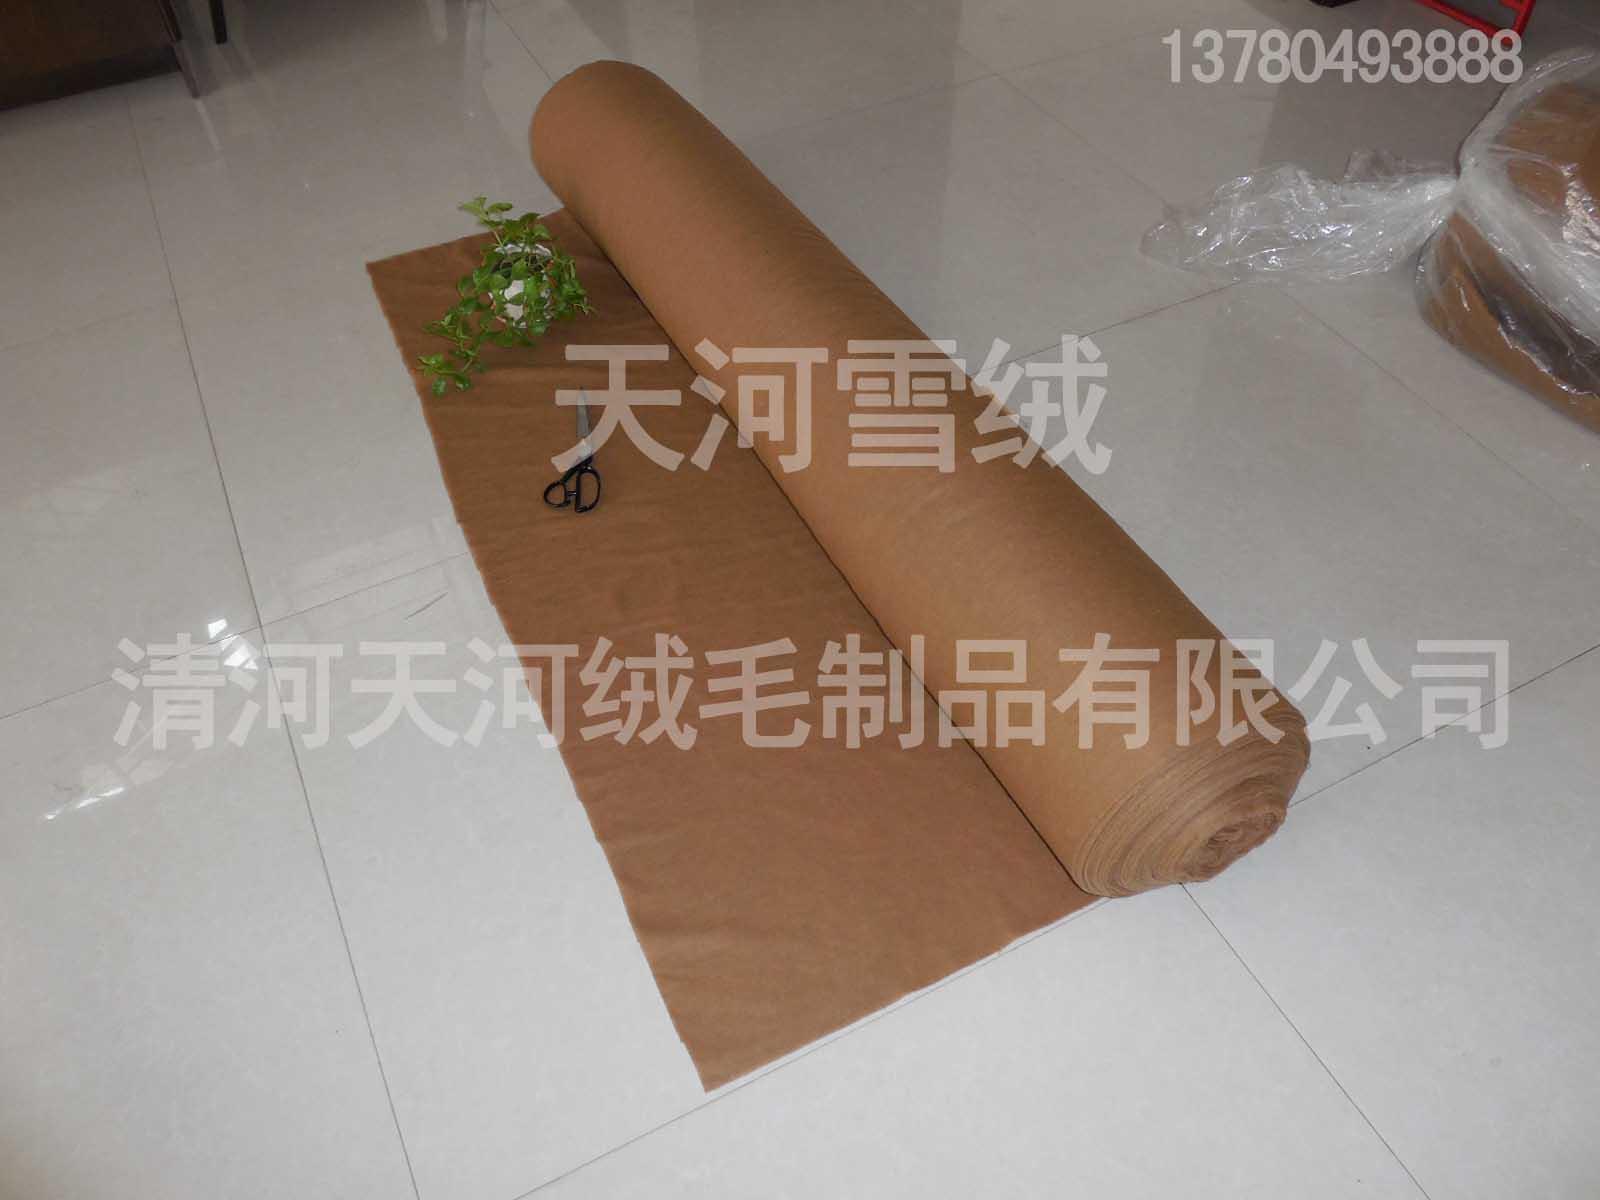 流行驼绒絮片厂家|邢台地区物美价廉的双面无纺布驼绒絮片